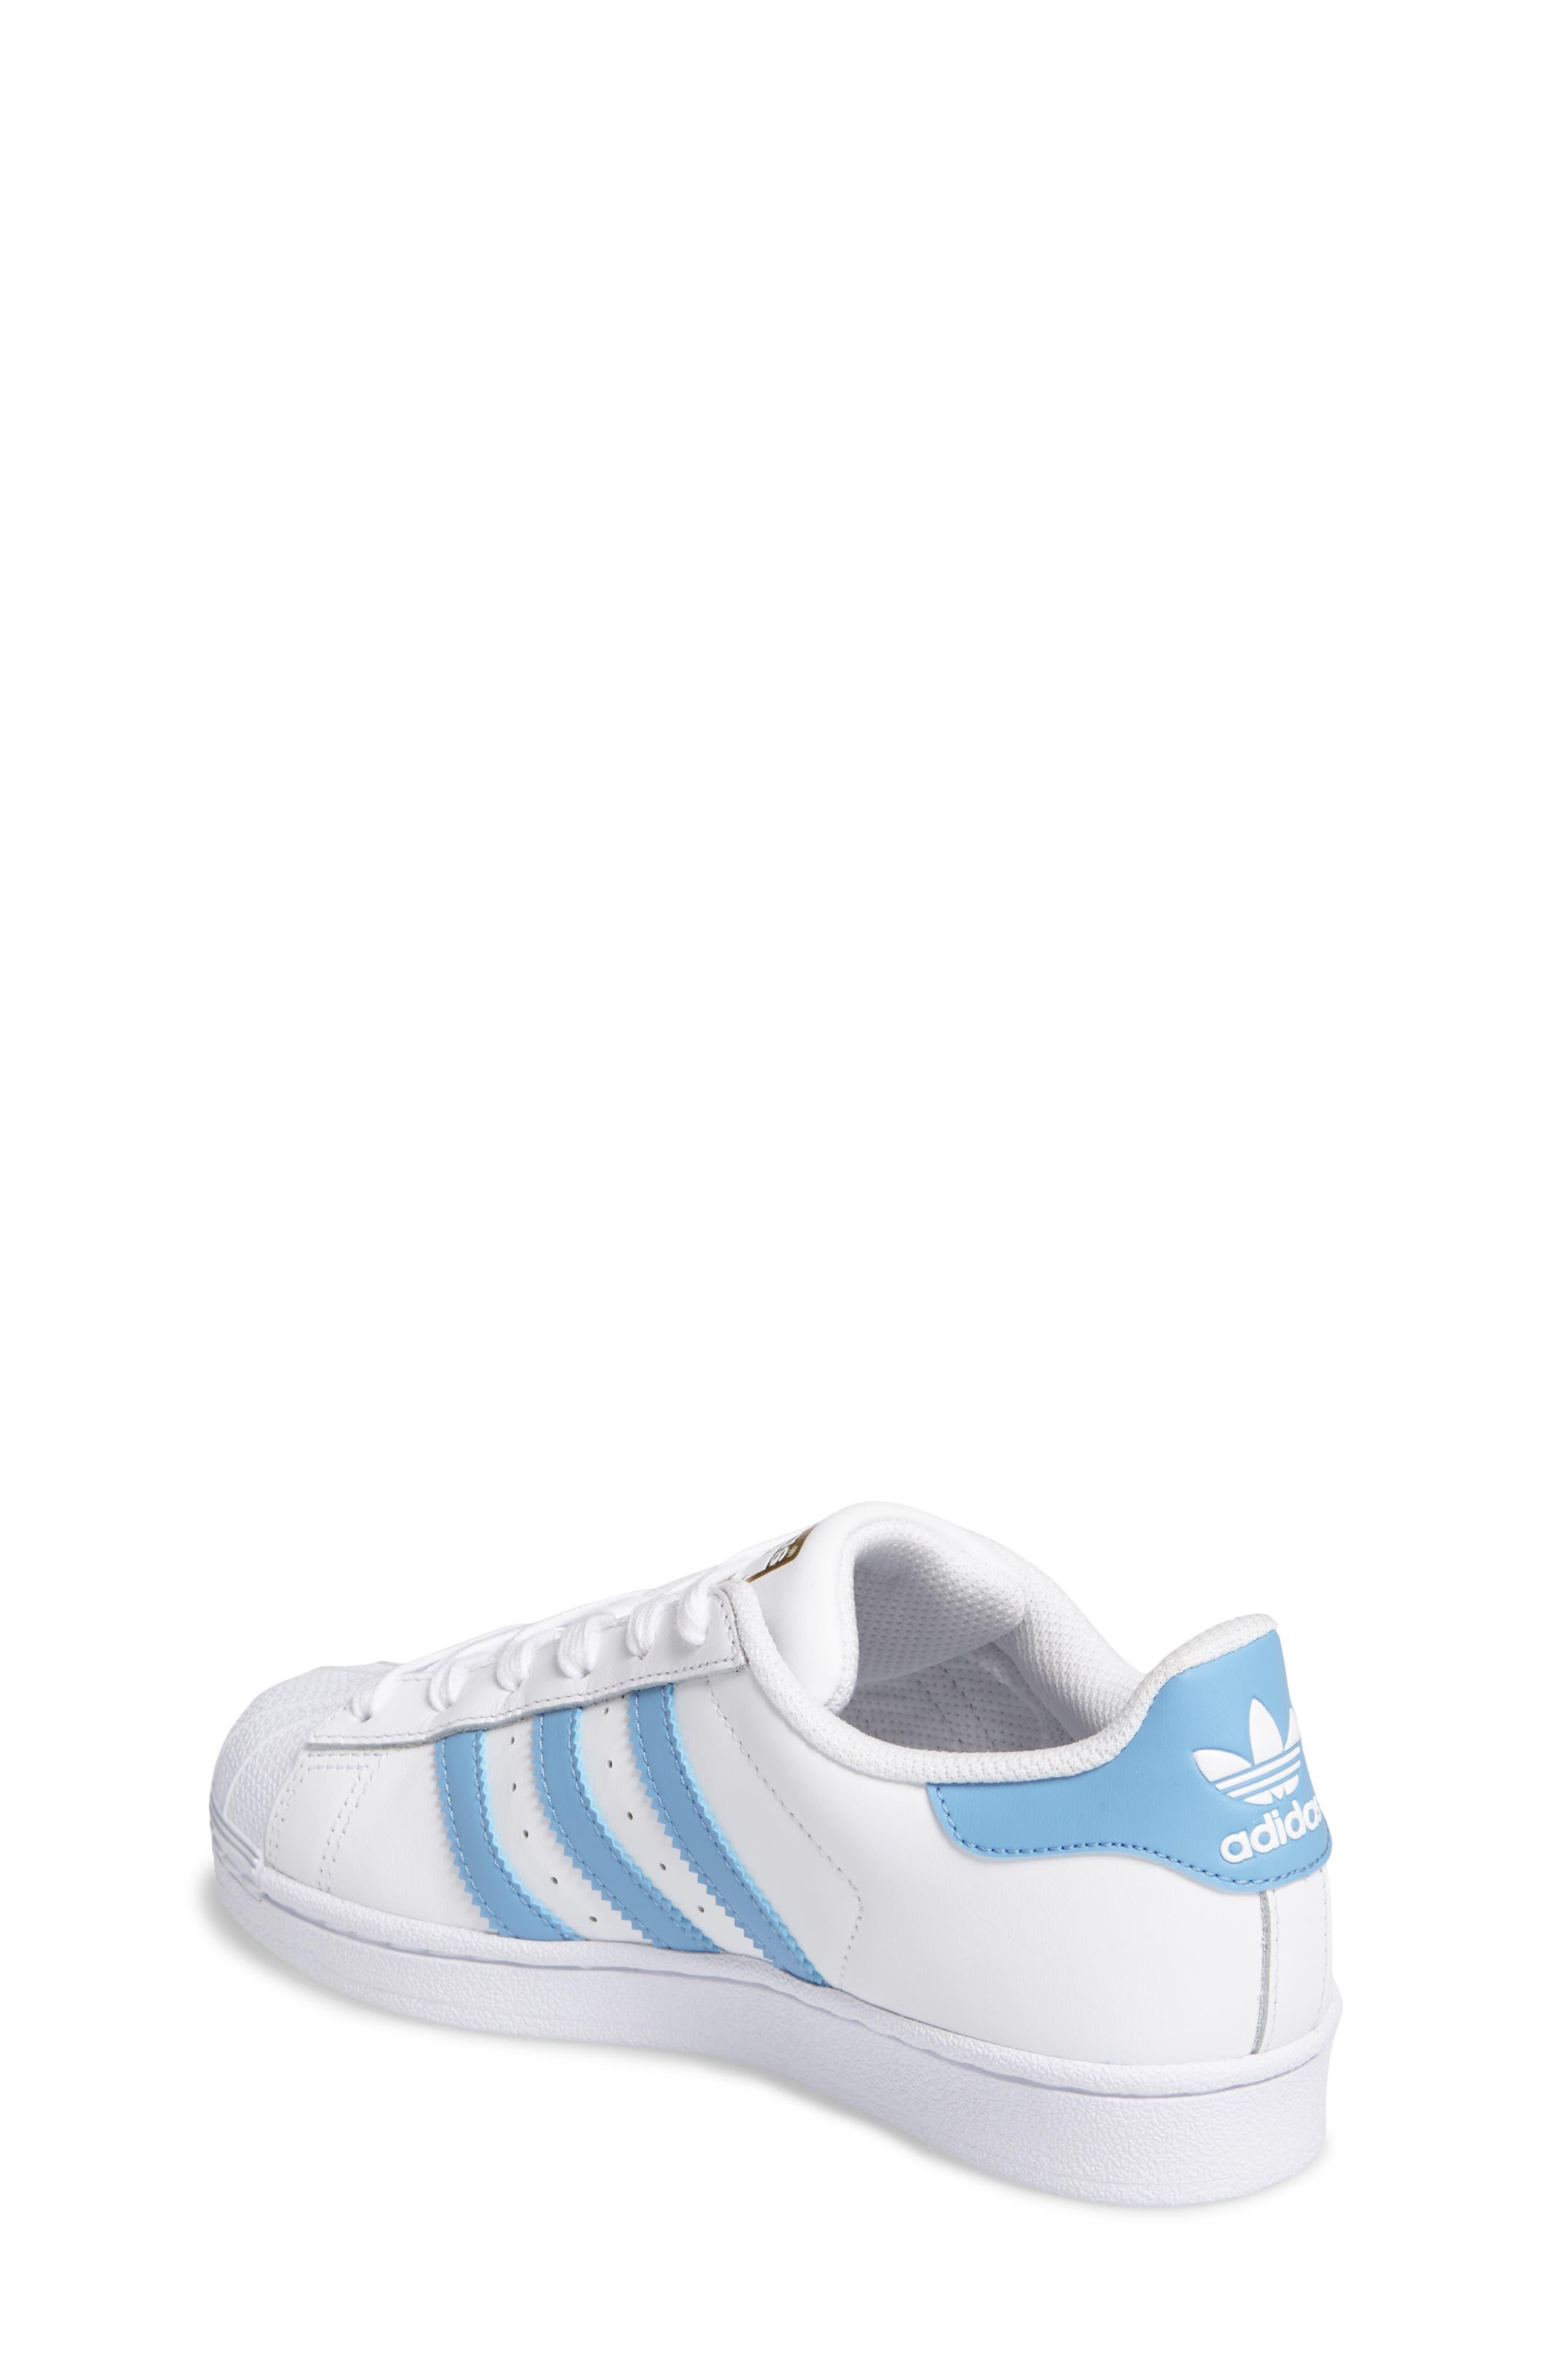 Superstar Foundation Sneaker,                             Alternate thumbnail 2, color,                             White/ Light Blue/ Gold